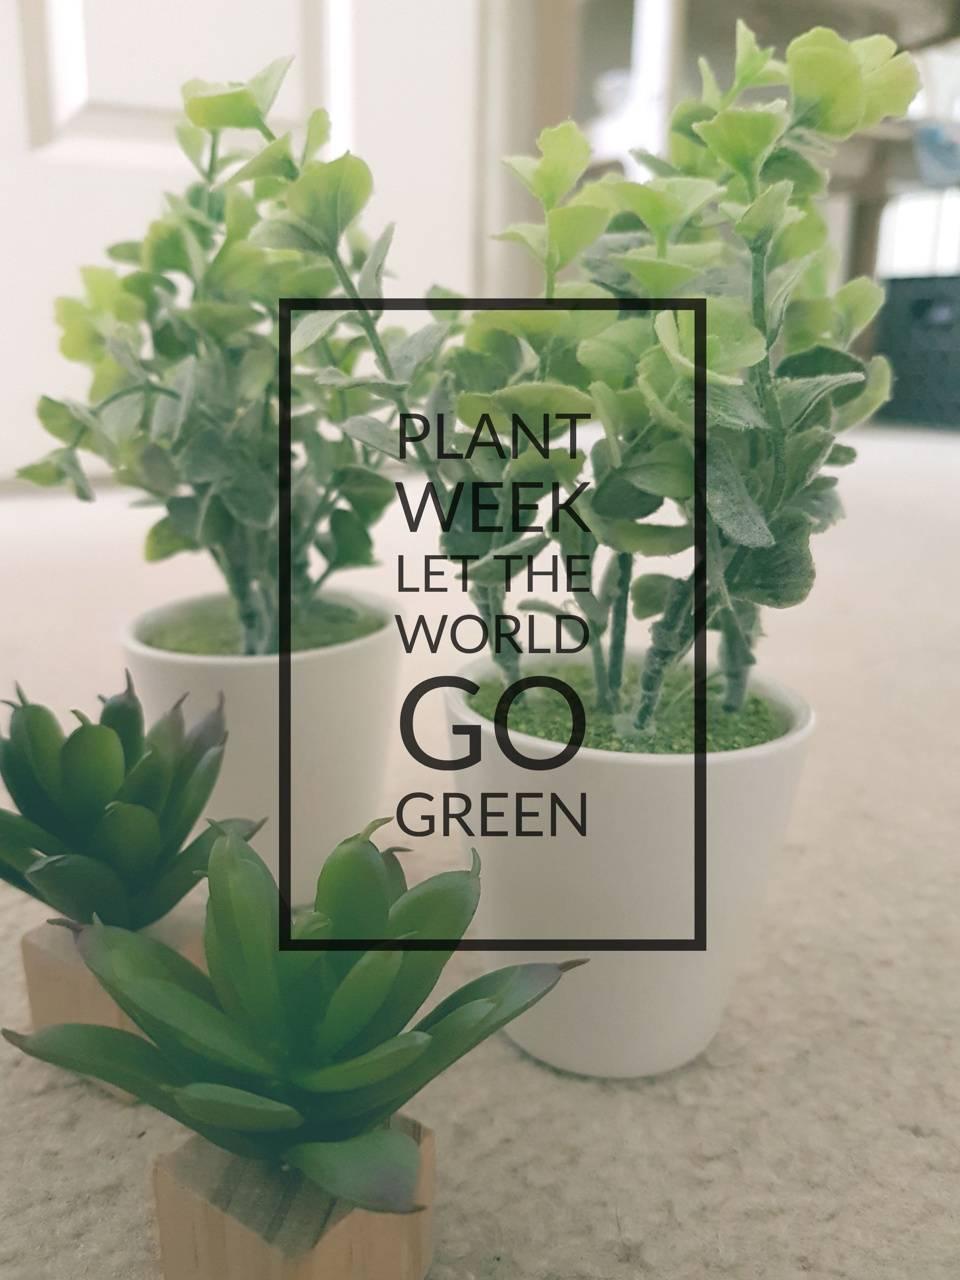 Plant week